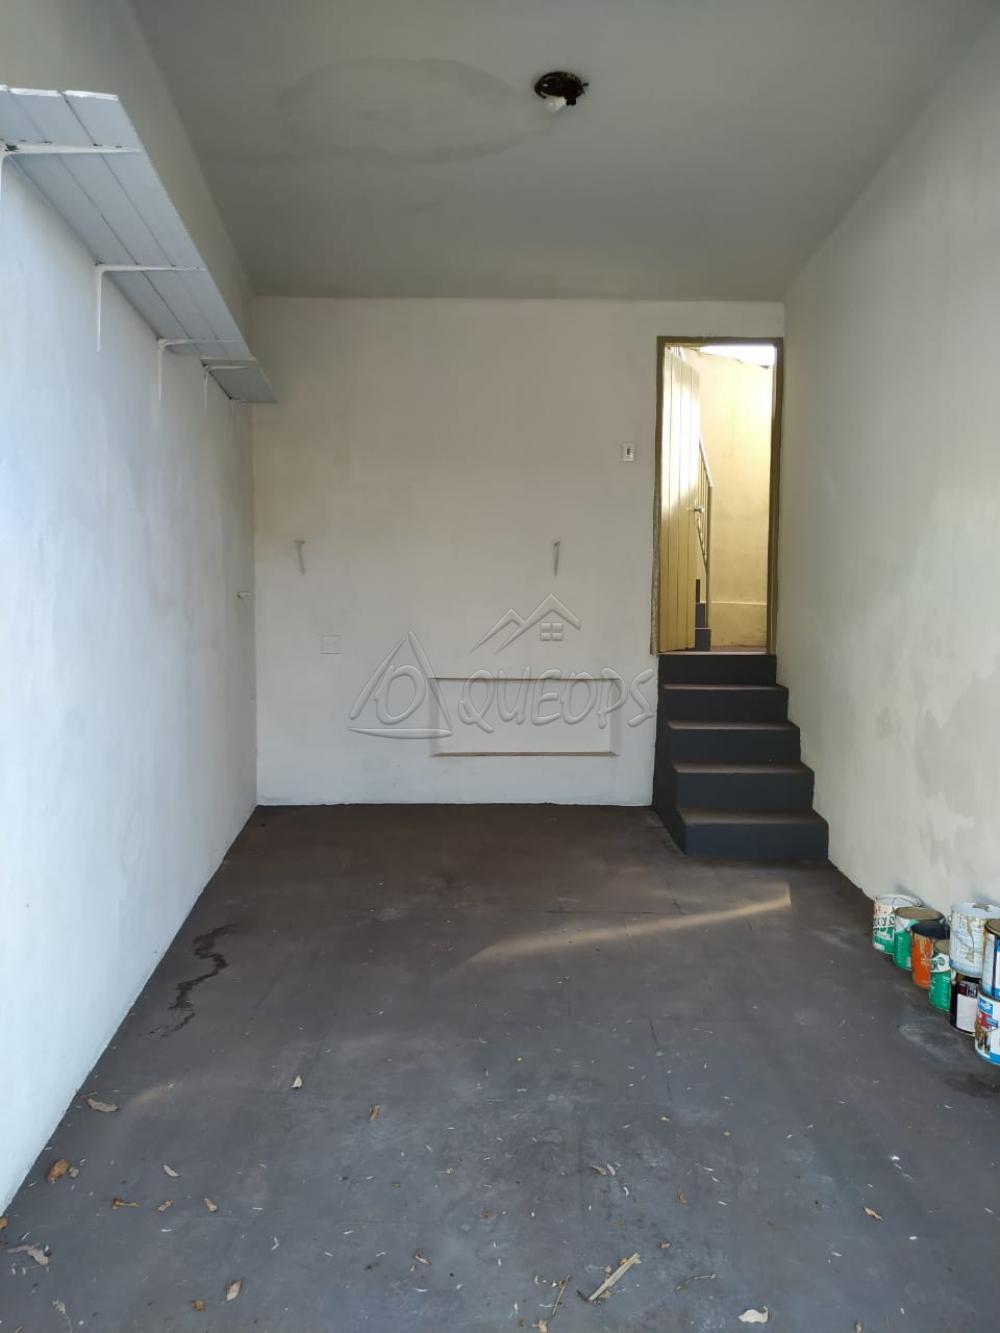 Comprar Casa / Padrão em Barretos apenas R$ 220.000,00 - Foto 2